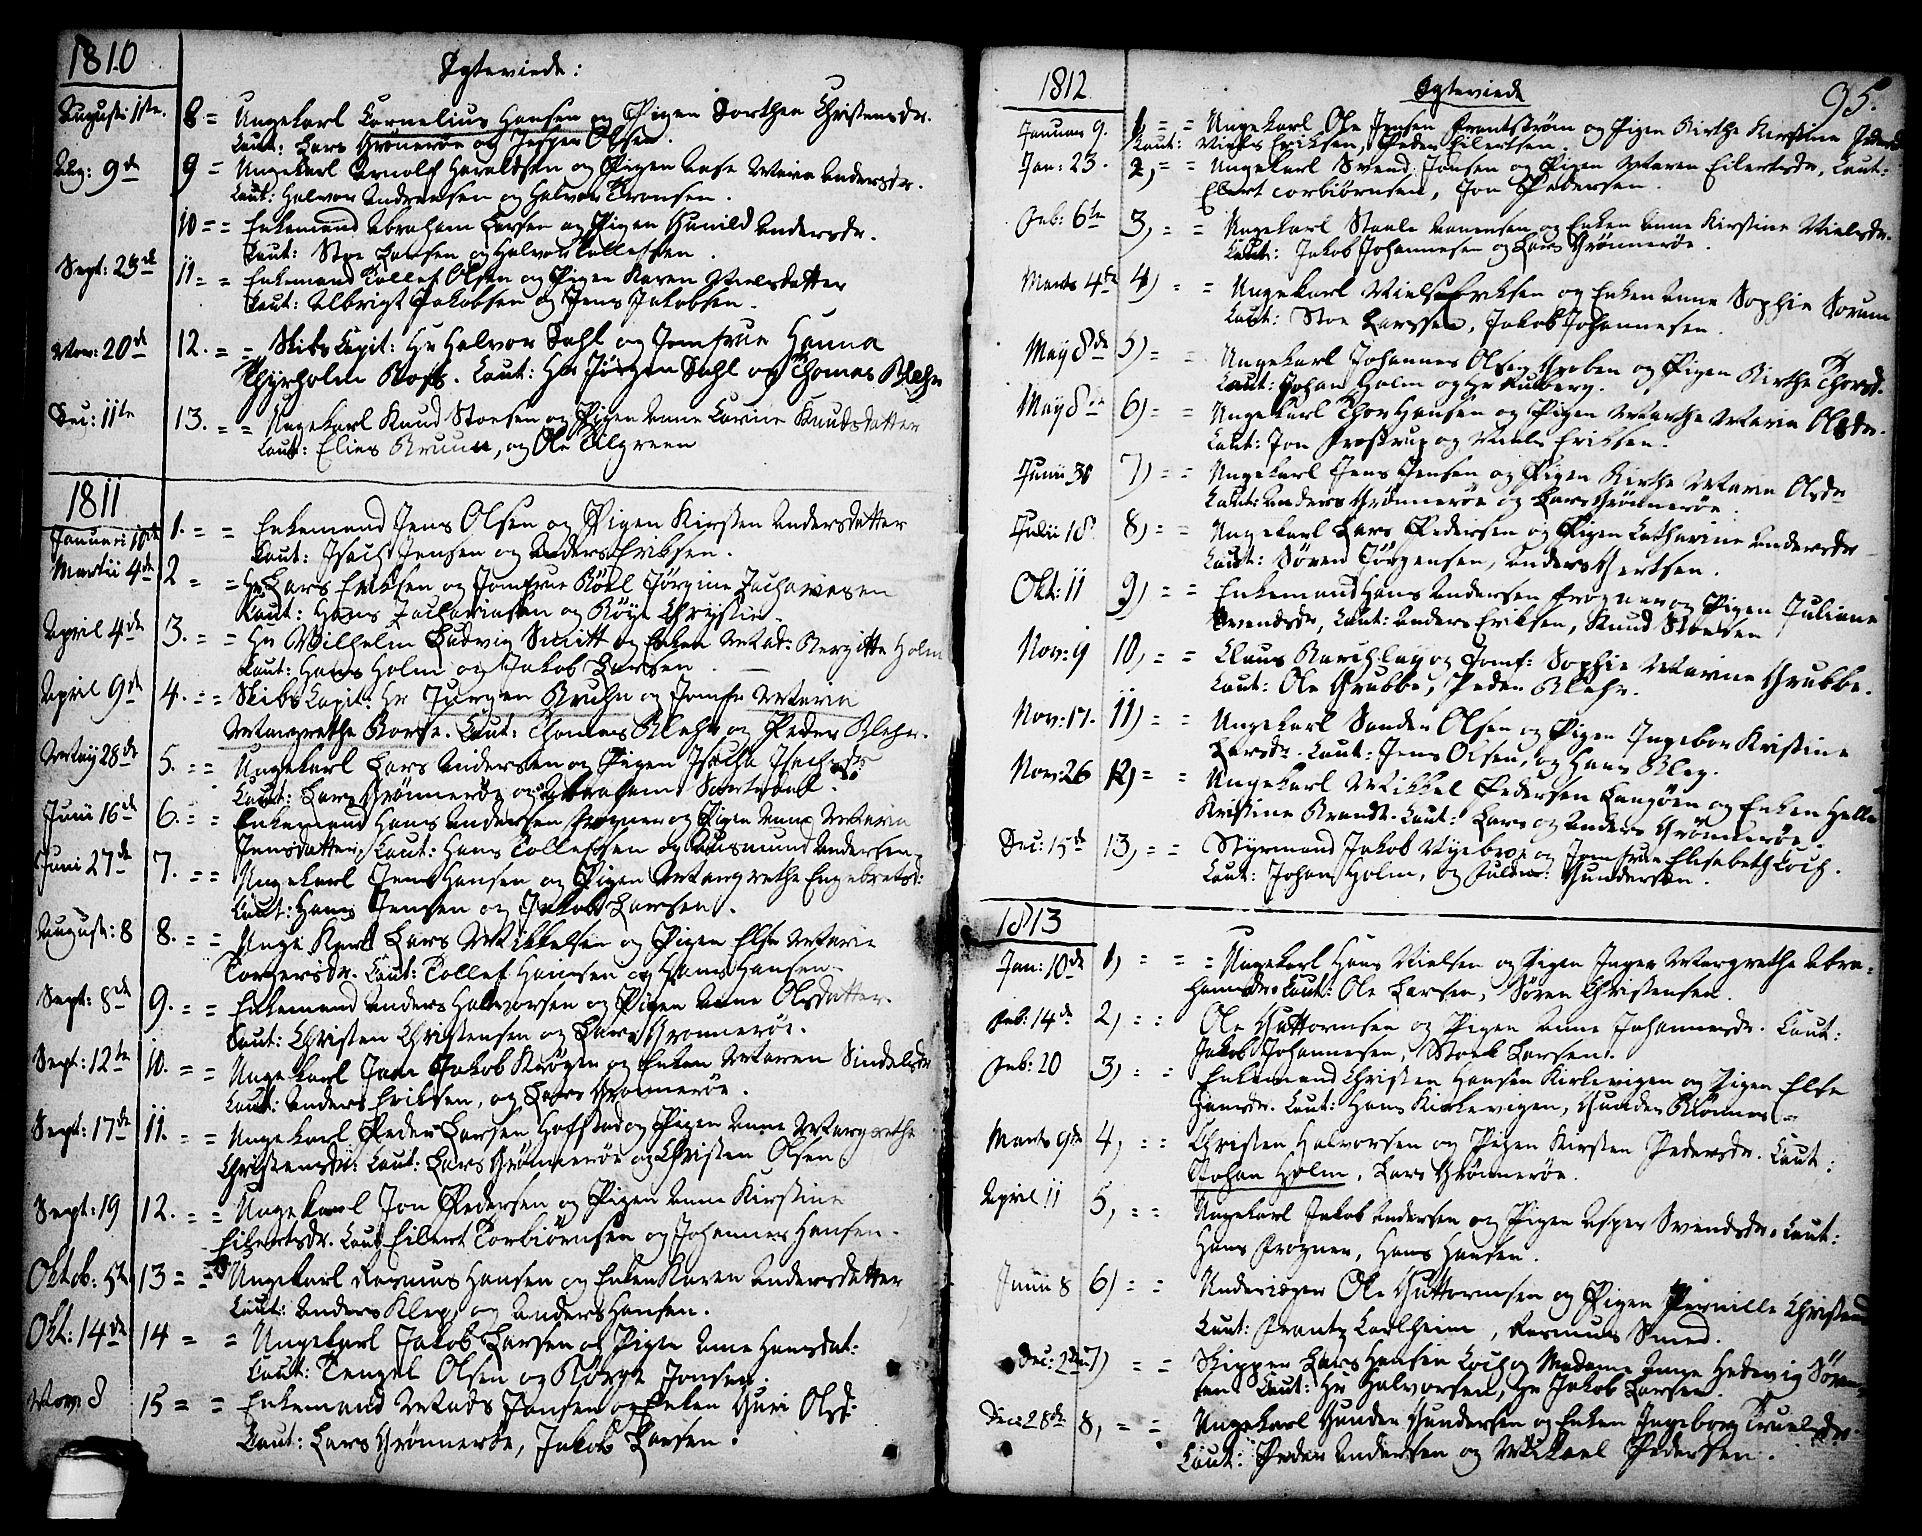 SAKO, Brevik kirkebøker, F/Fa/L0003: Ministerialbok nr. 3, 1764-1814, s. 95